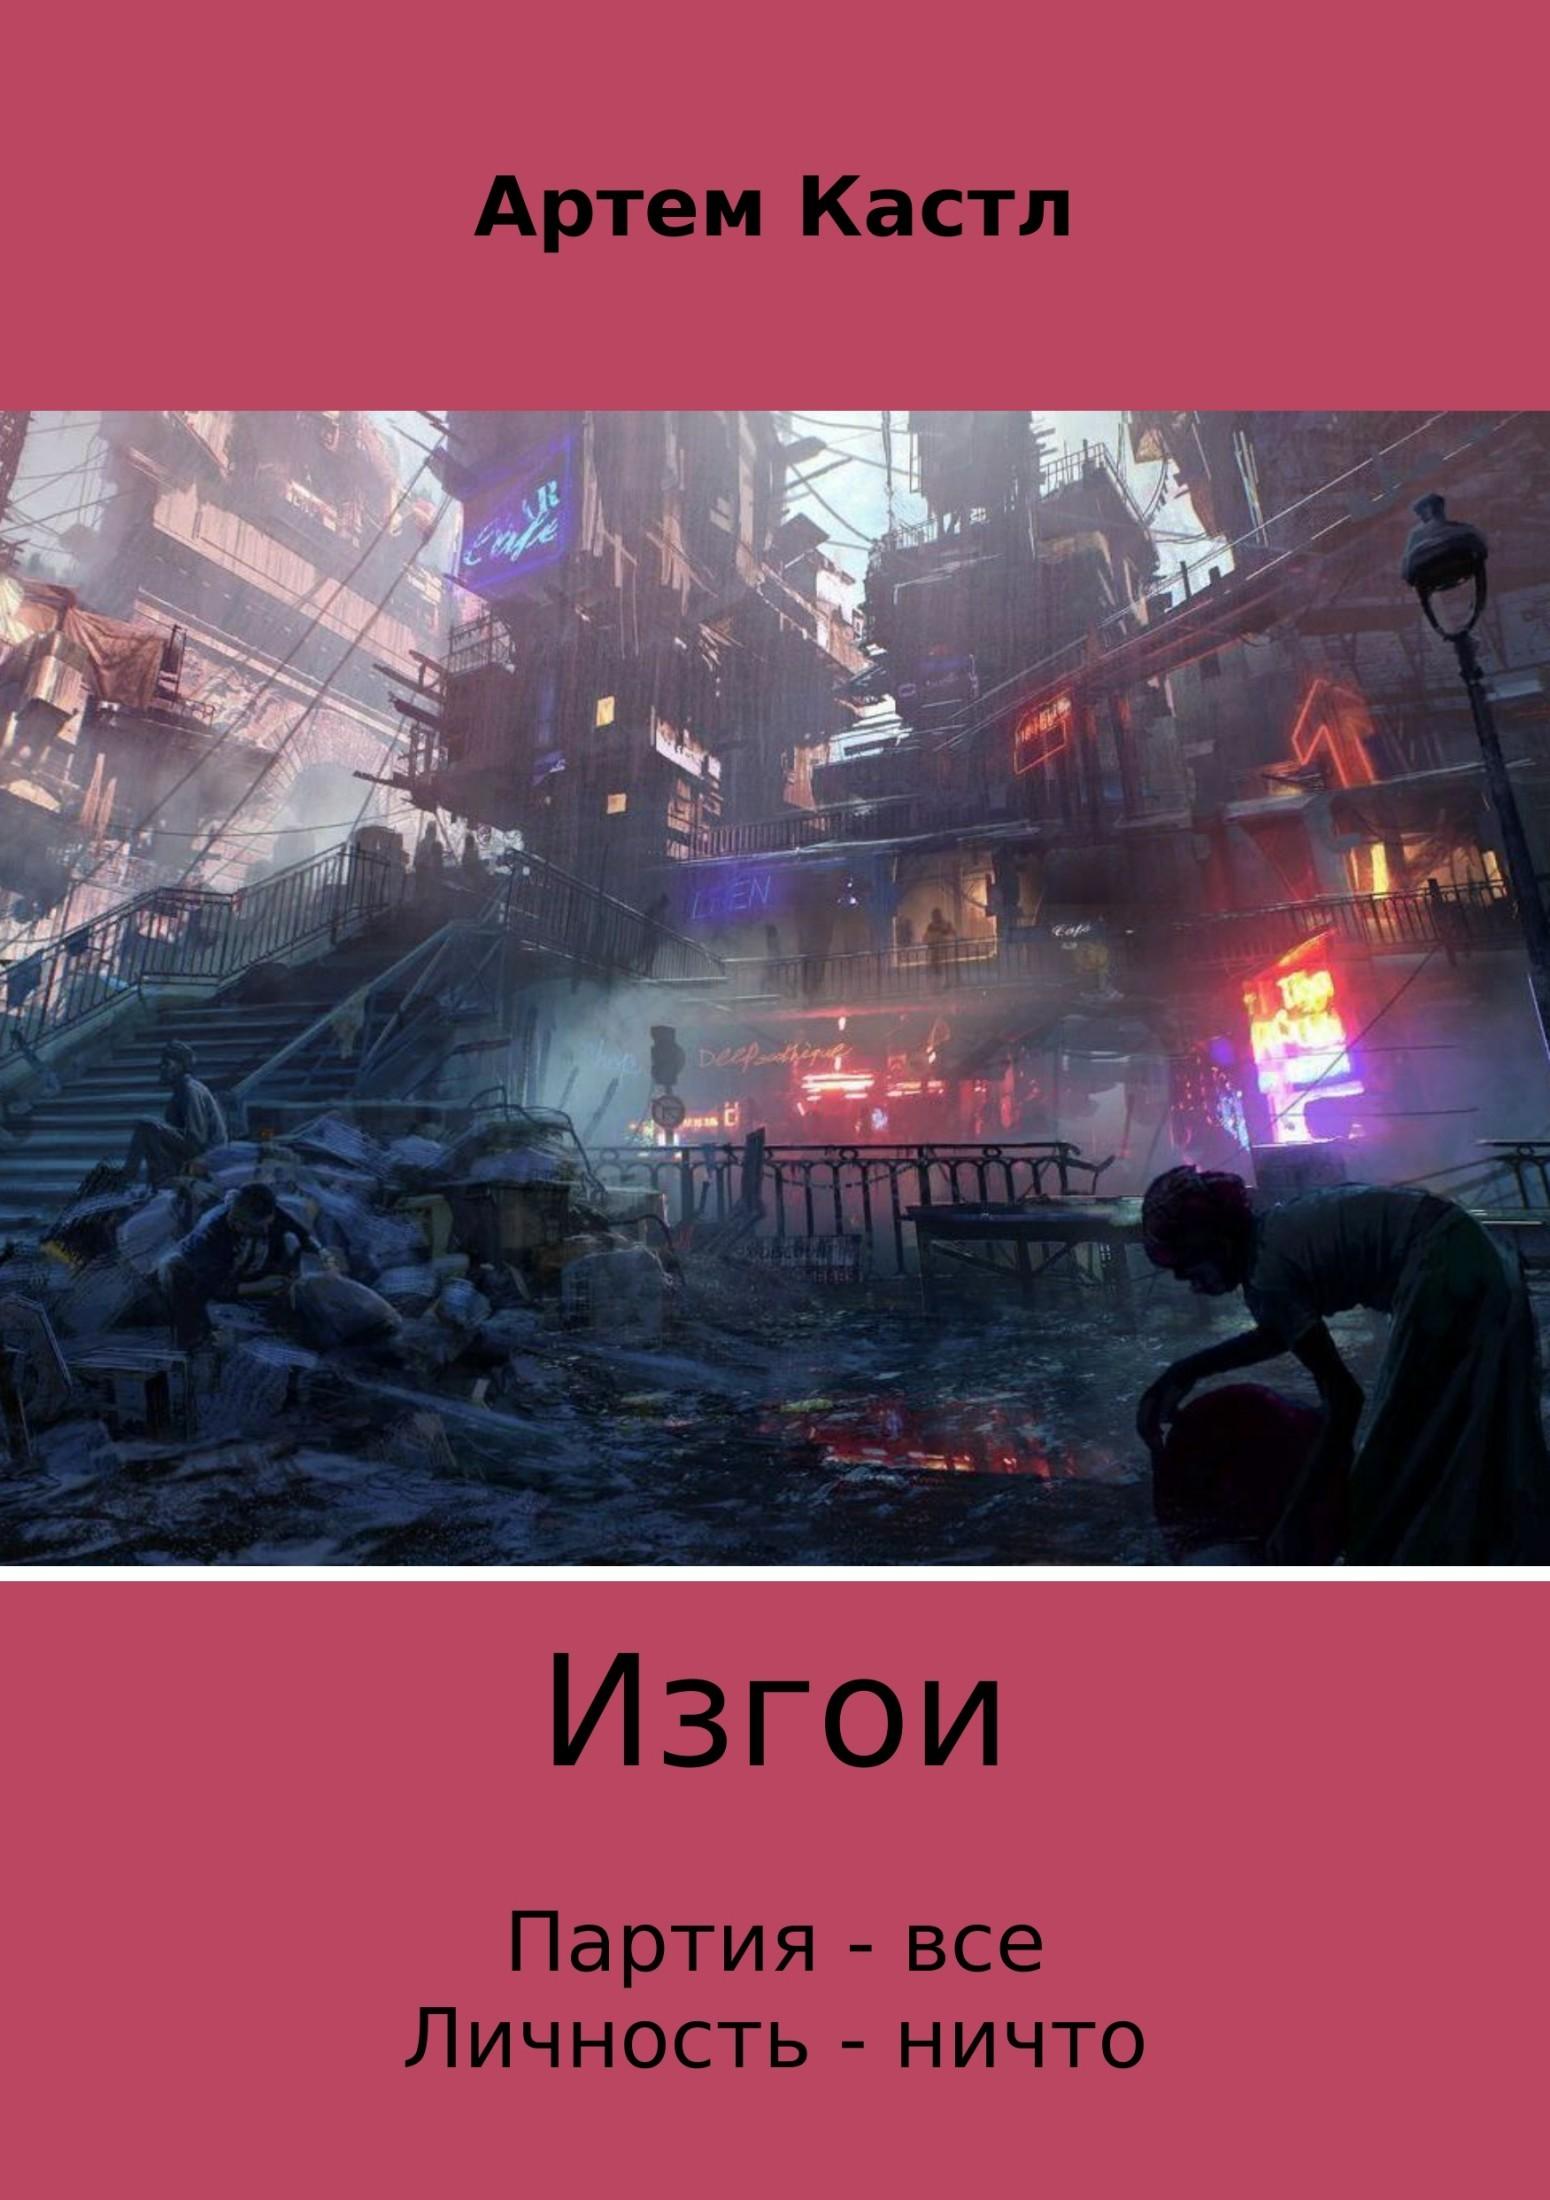 Артем Кастл «Изгои»